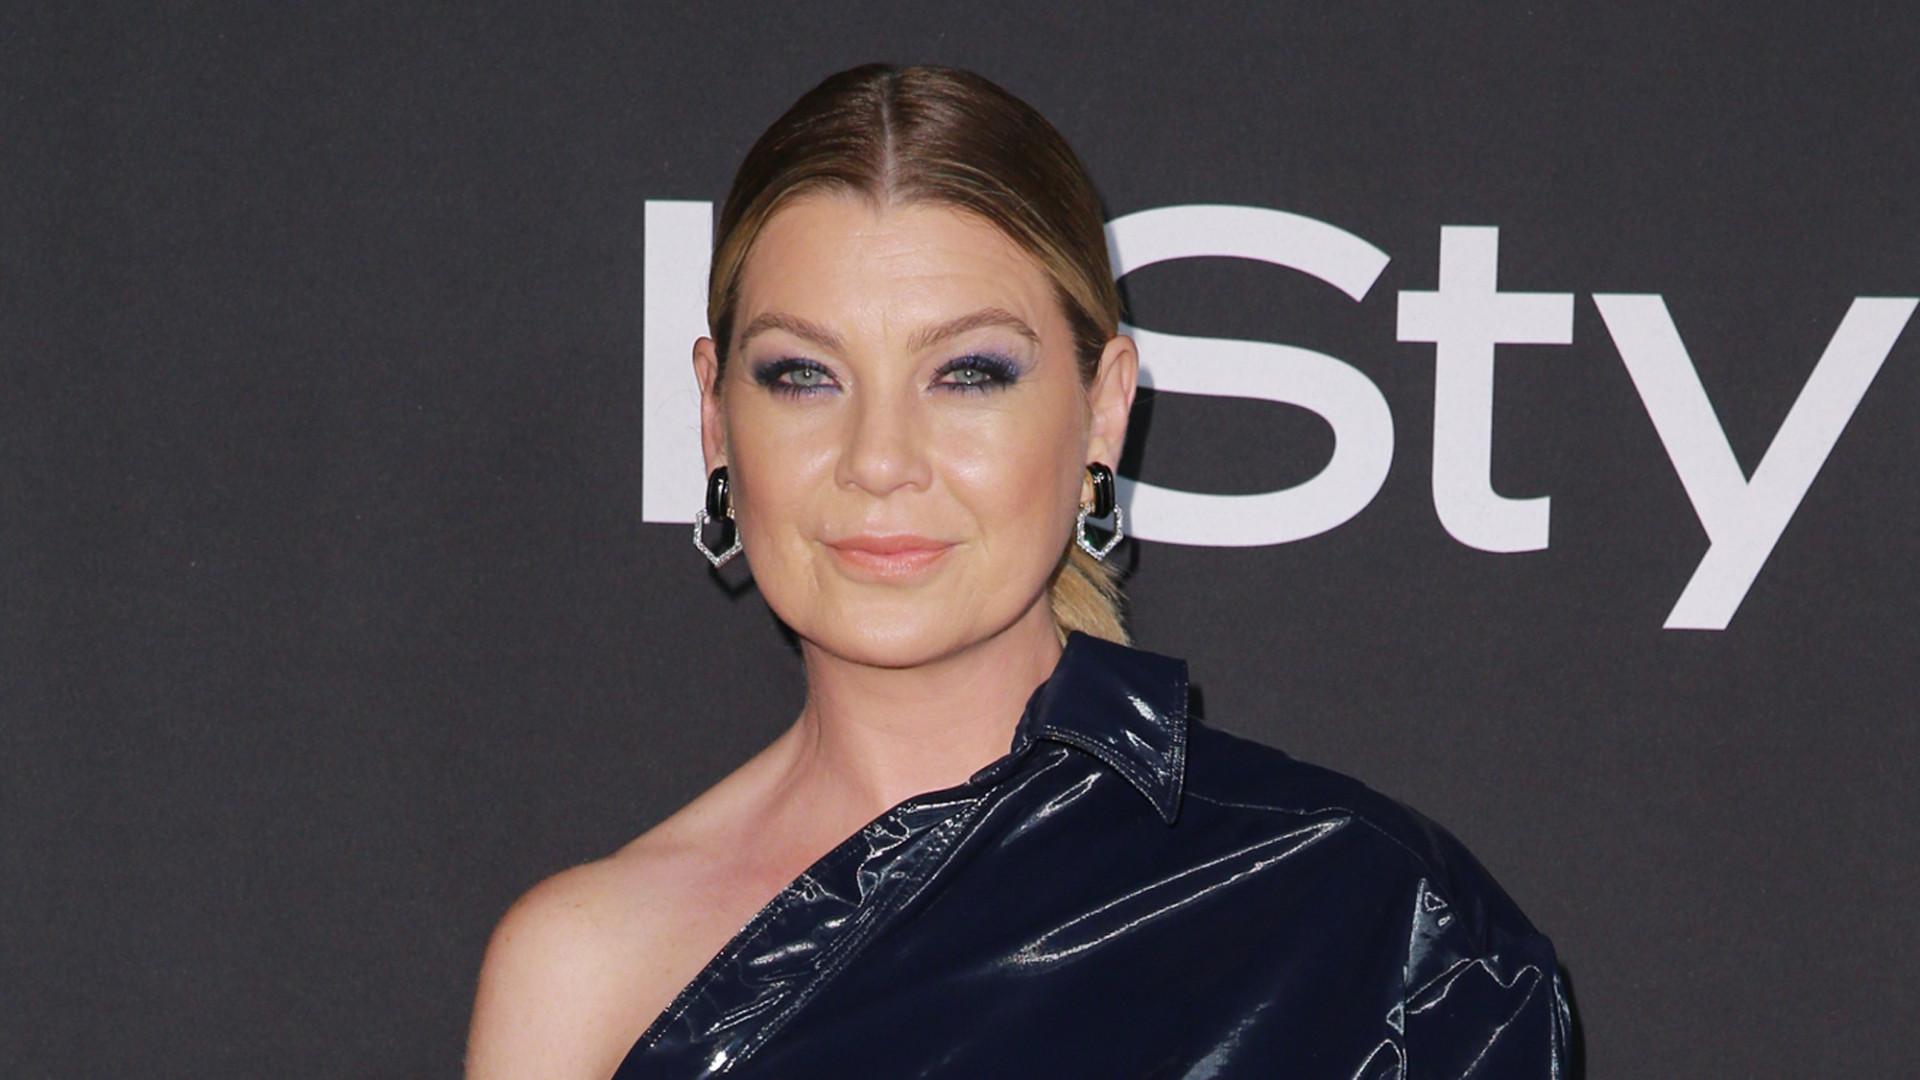 Ellen Pompeo diz não ter vontade de continuar atuando após fim de 'Grey's Anatomy'